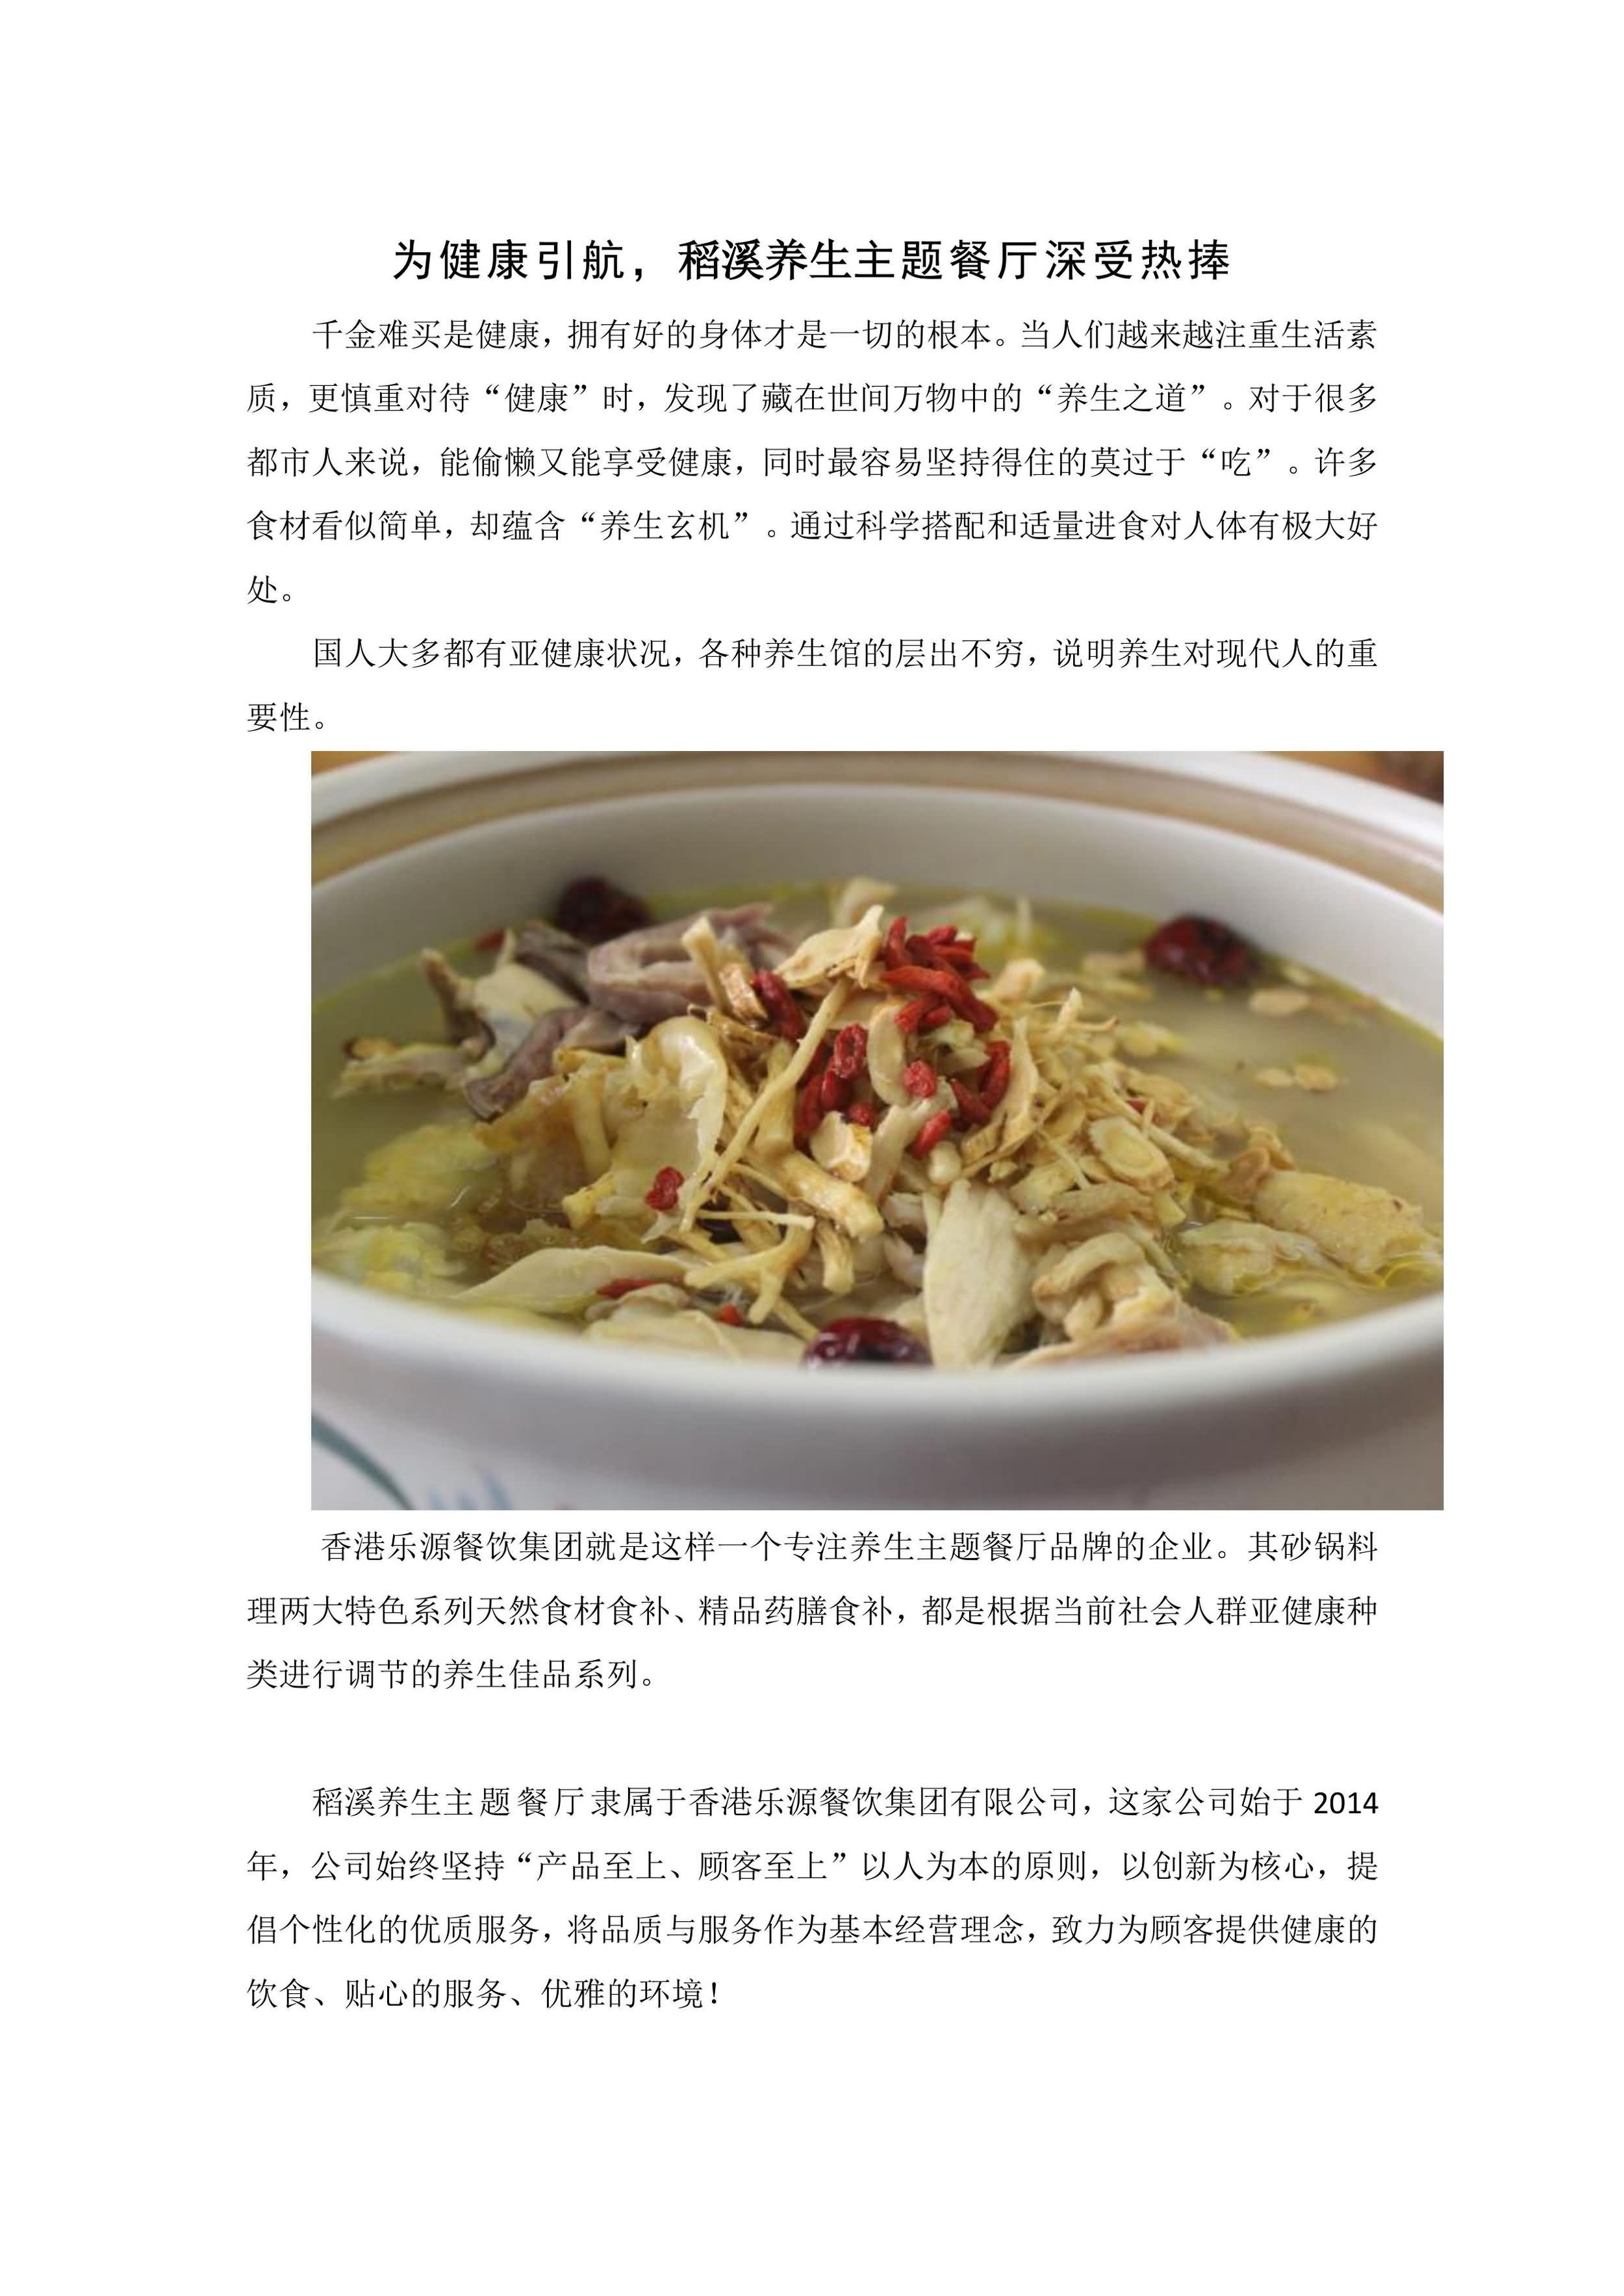 香港樂源餐飲集團有限公司25